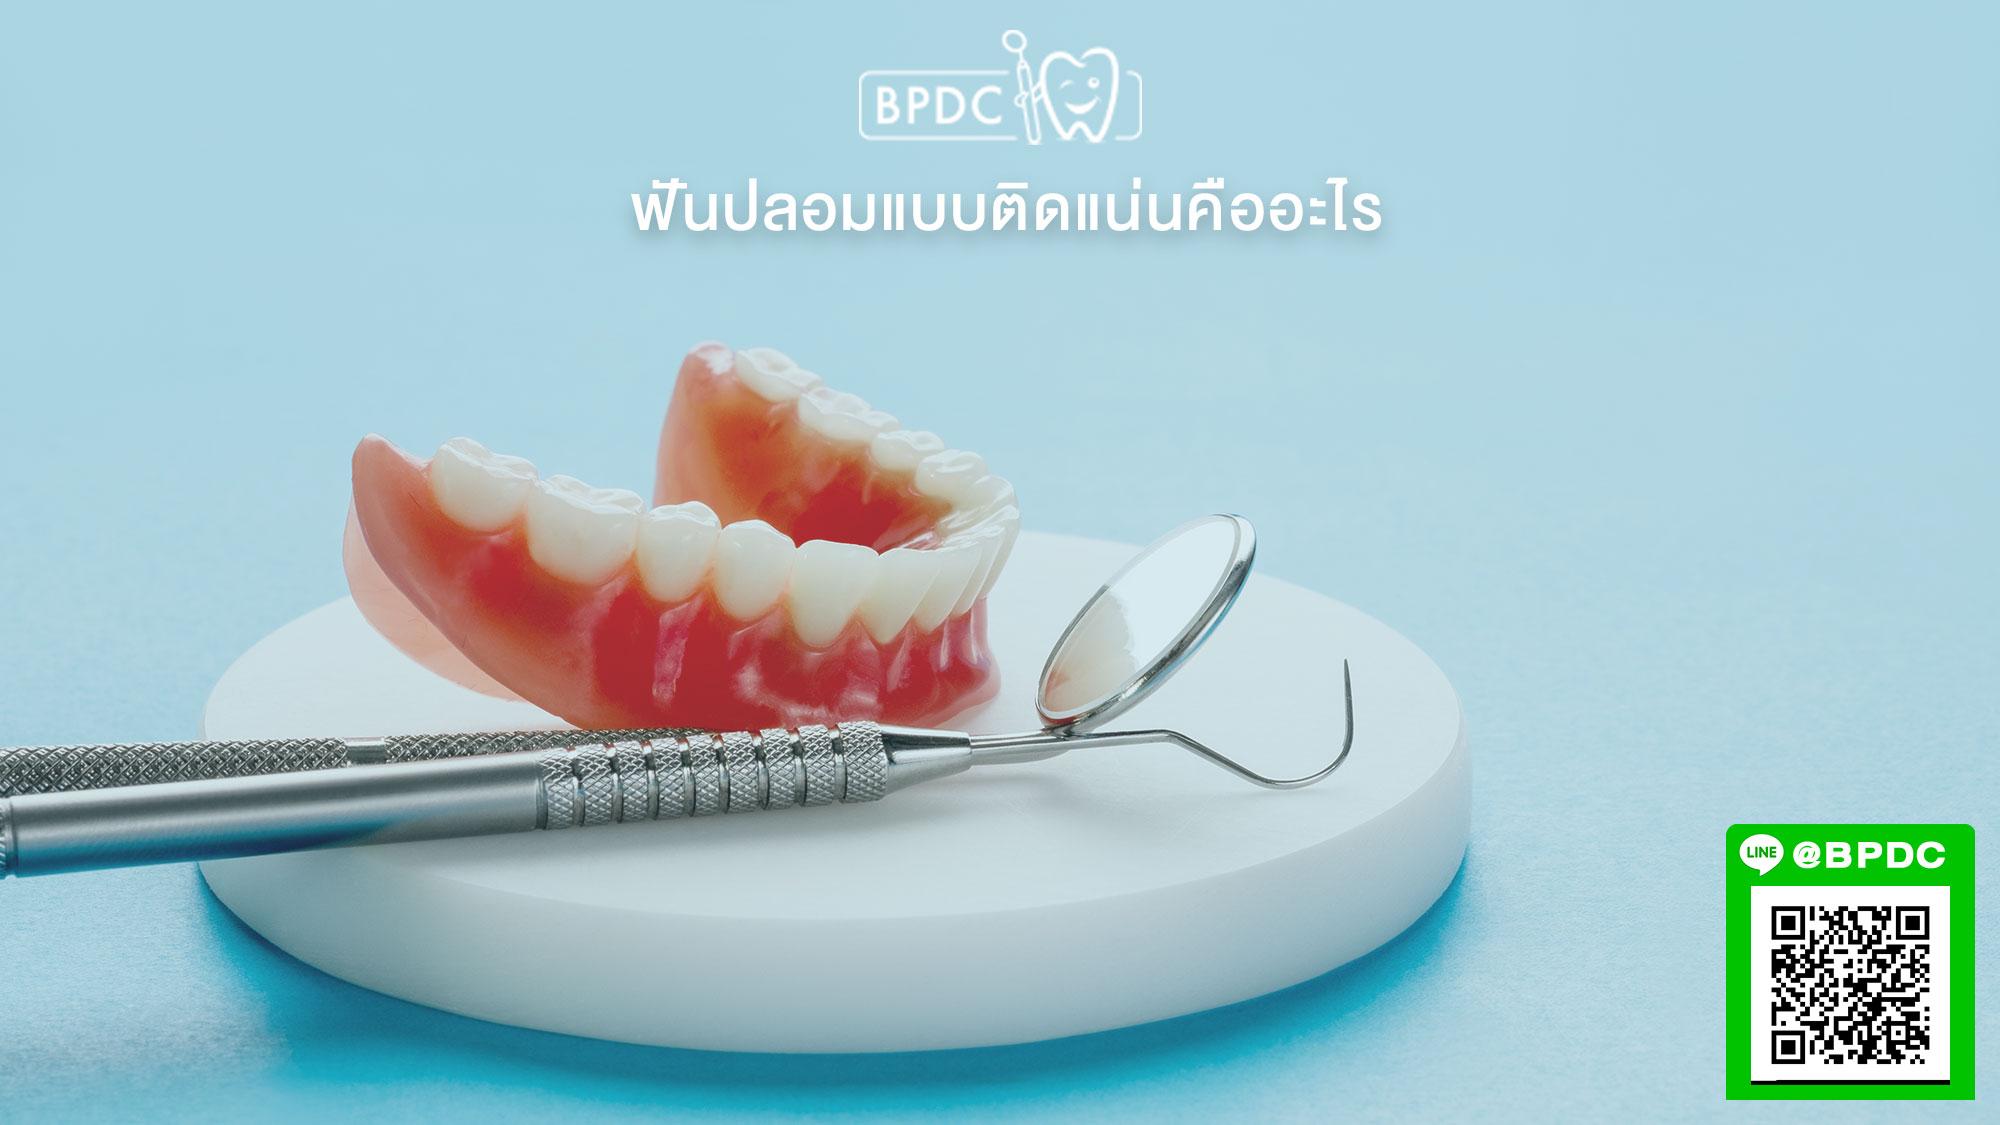 ฟันปลอมแบบติดแน่นคืออะไร